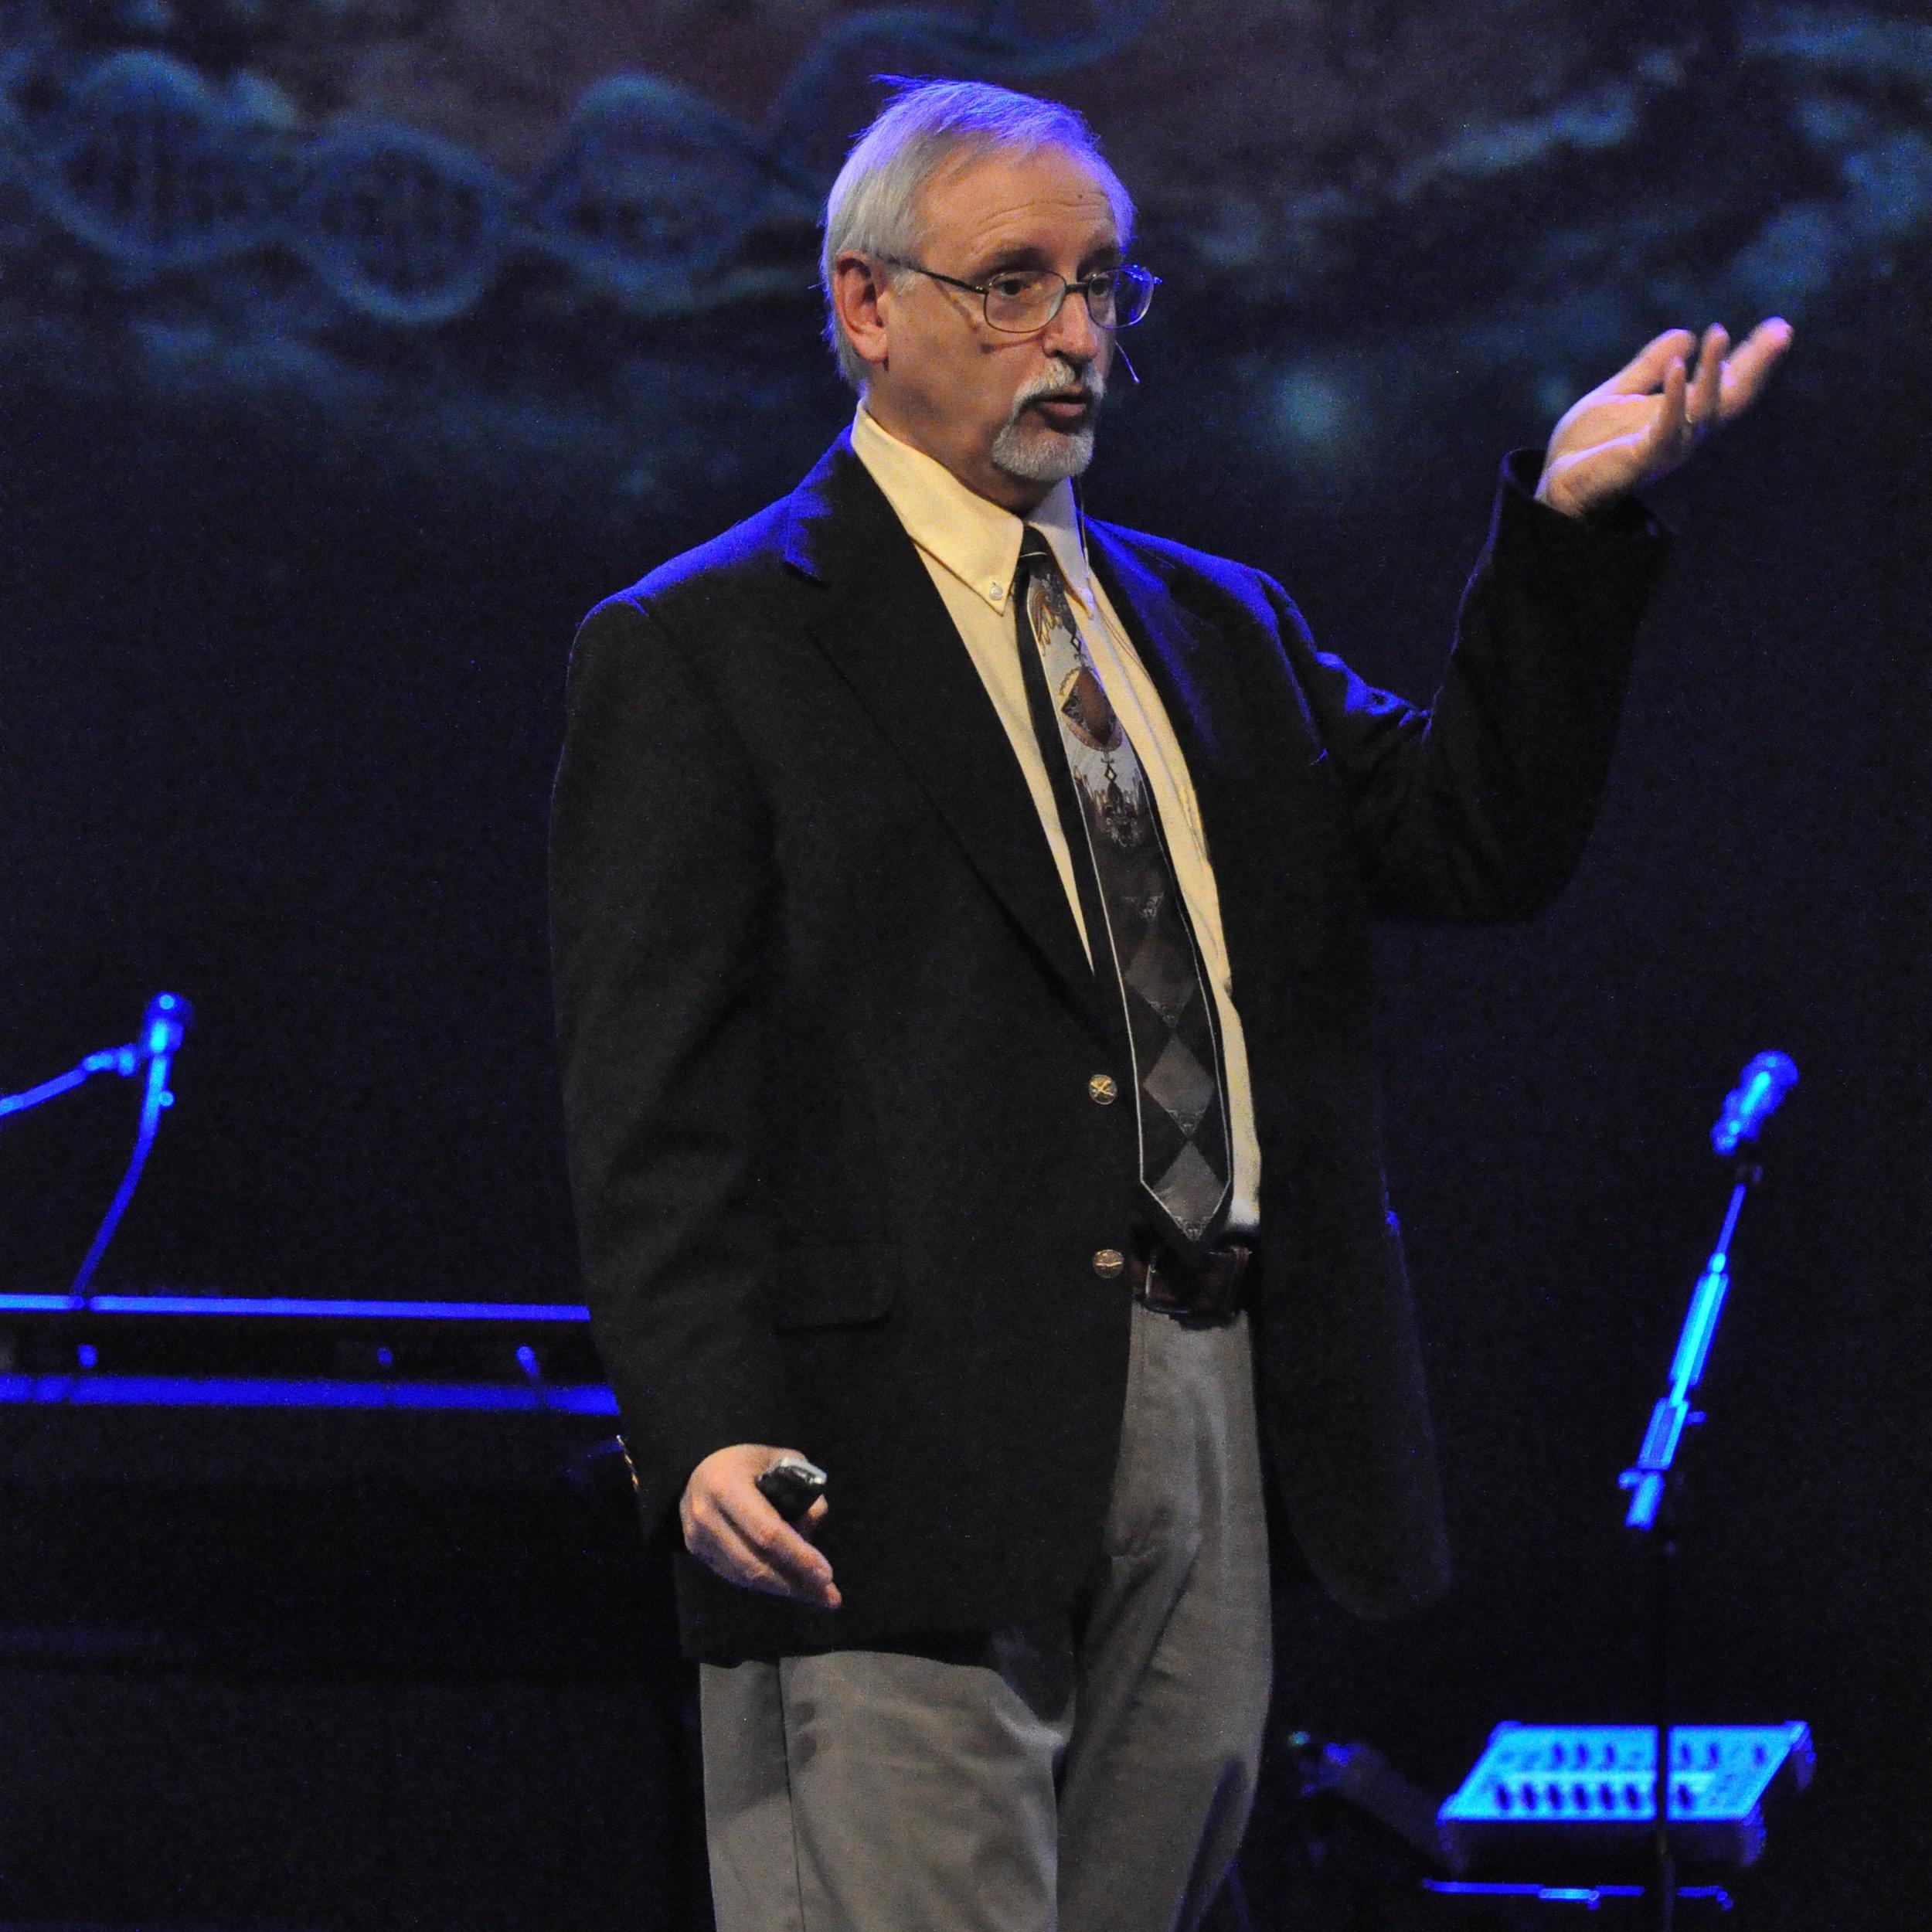 John Walton Speaking at Theology Conference.jpg